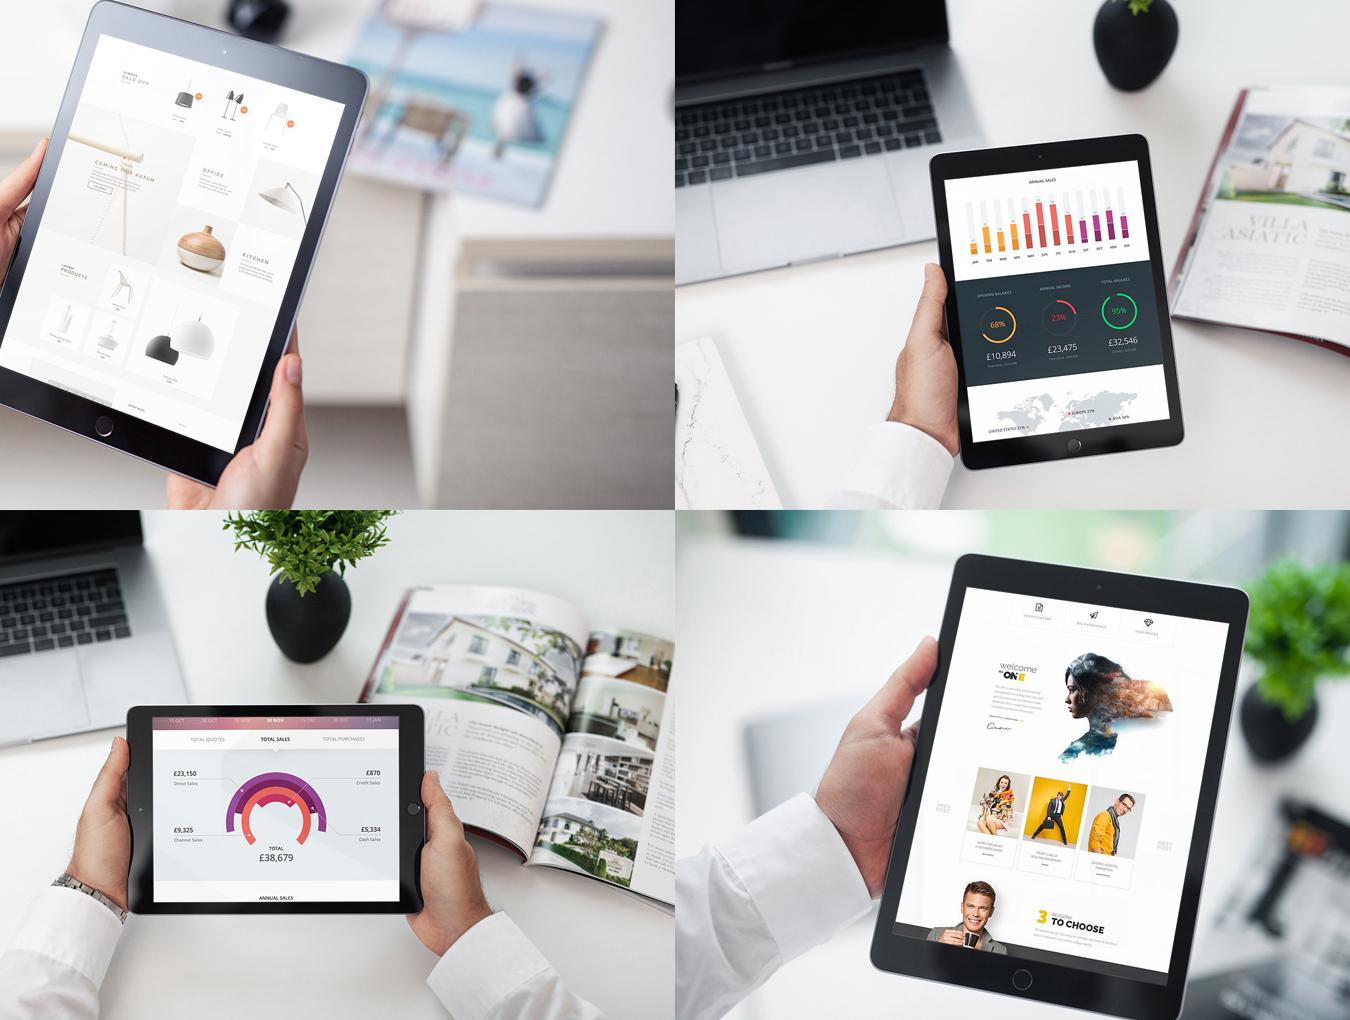 12个响应式网页设计预览iPad平板电脑样机模板 12 New iPad Responsive插图(1)